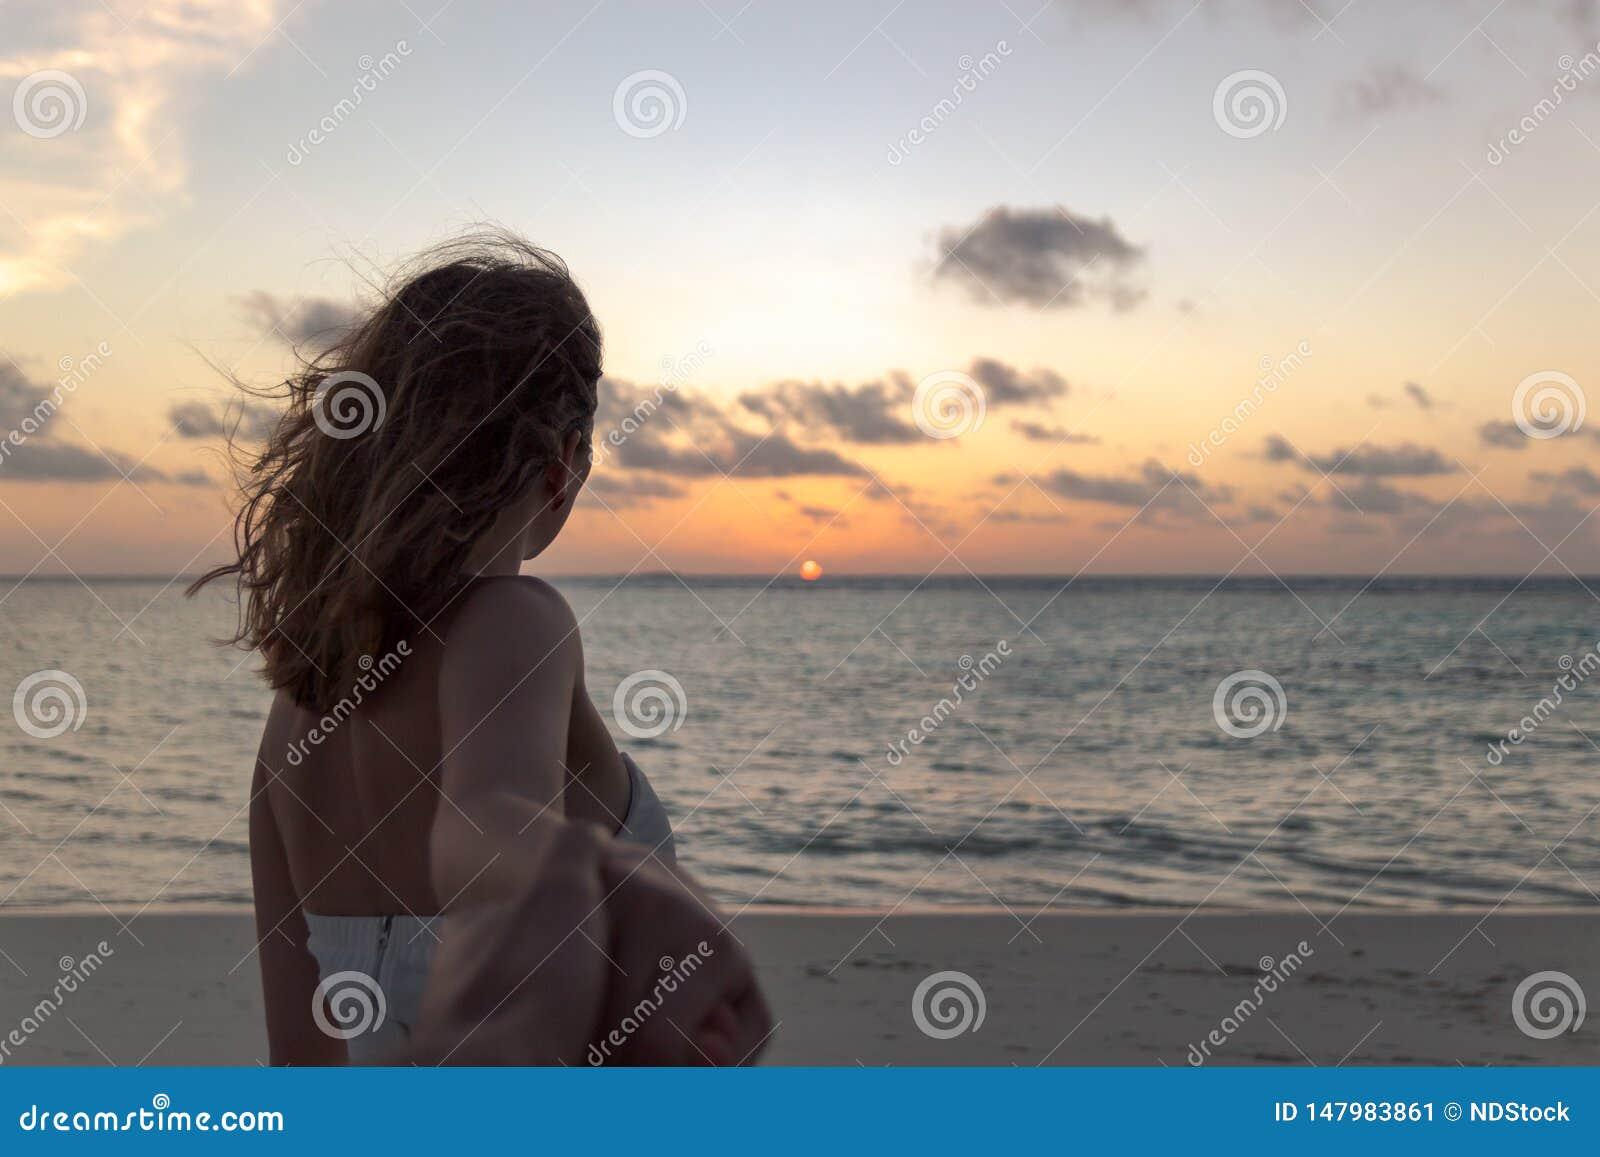 Suivez-moi concept de jeune femme sur une plage regardant le coucher du soleil